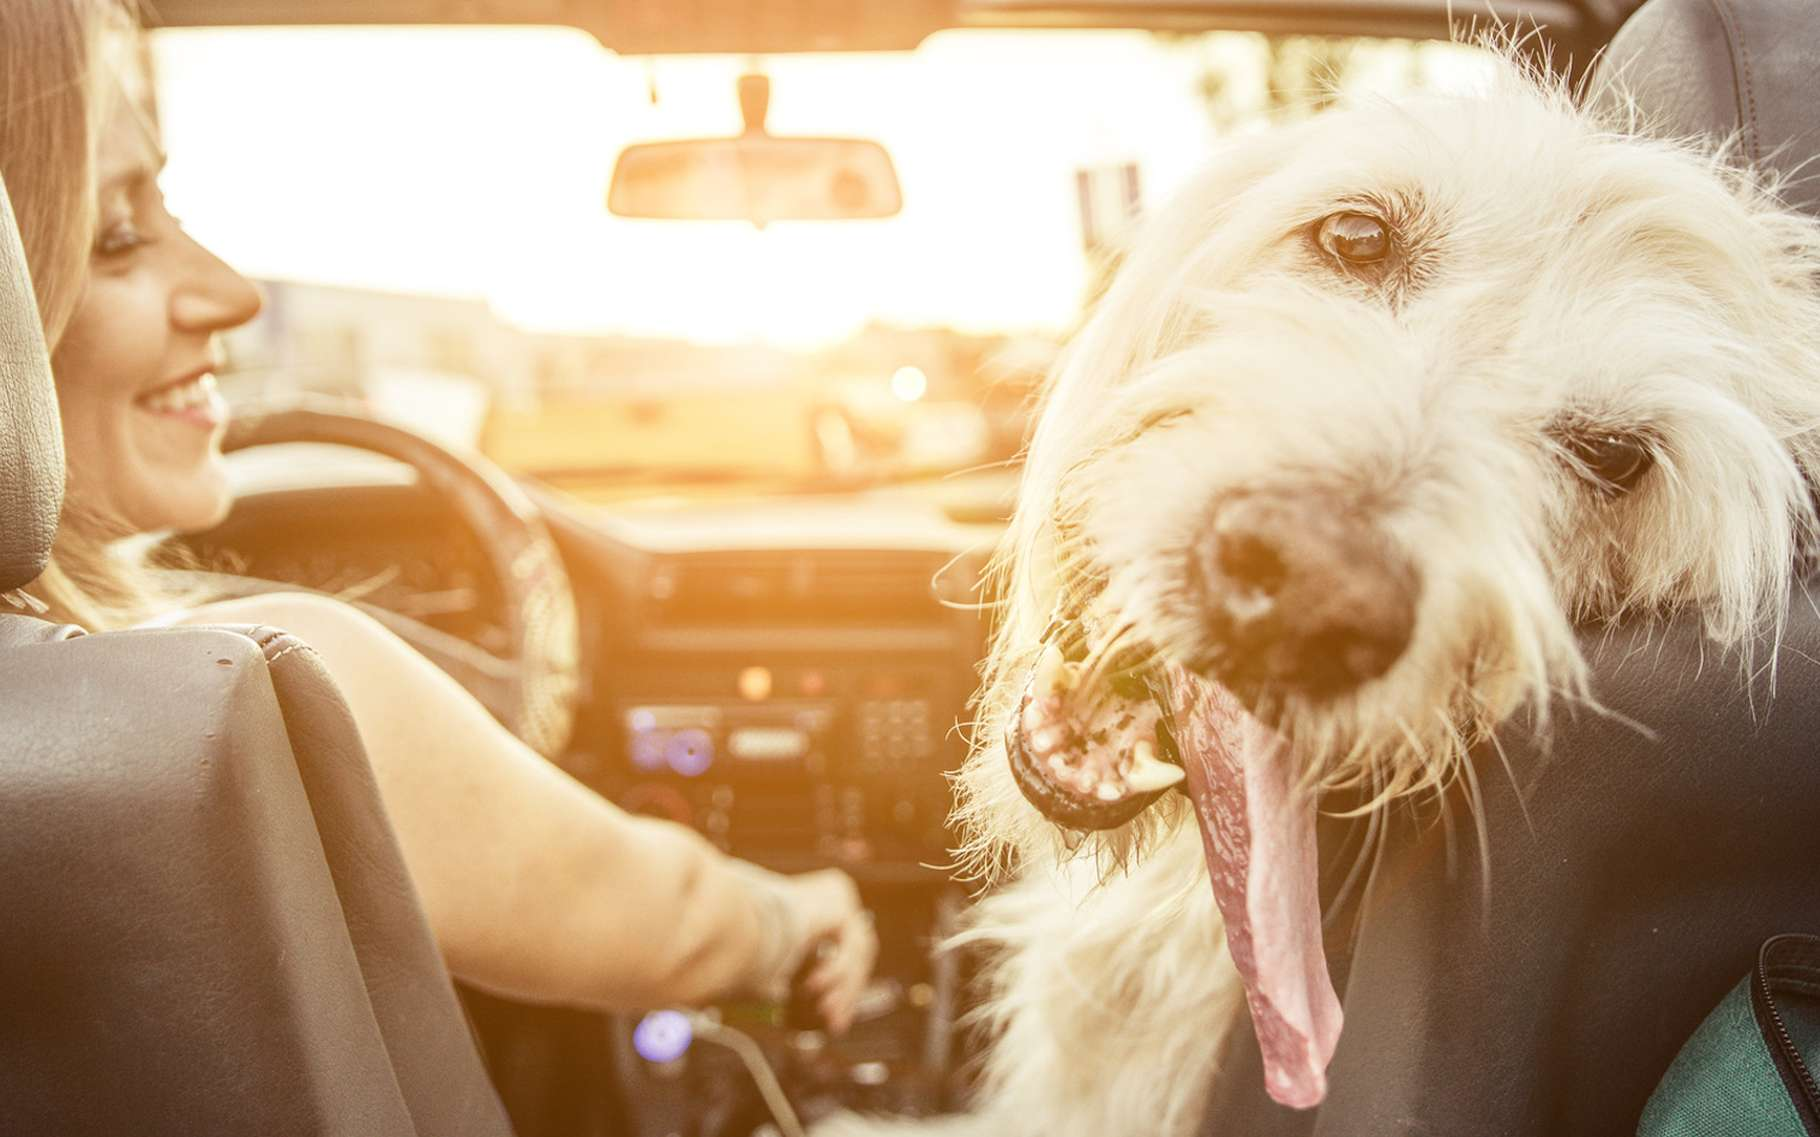 Nos animaux de compagnie aussi peuvent souffrir du mal des transports. Mais il existe des solutions pour les soulager. © oneinchpunch, Fotolia